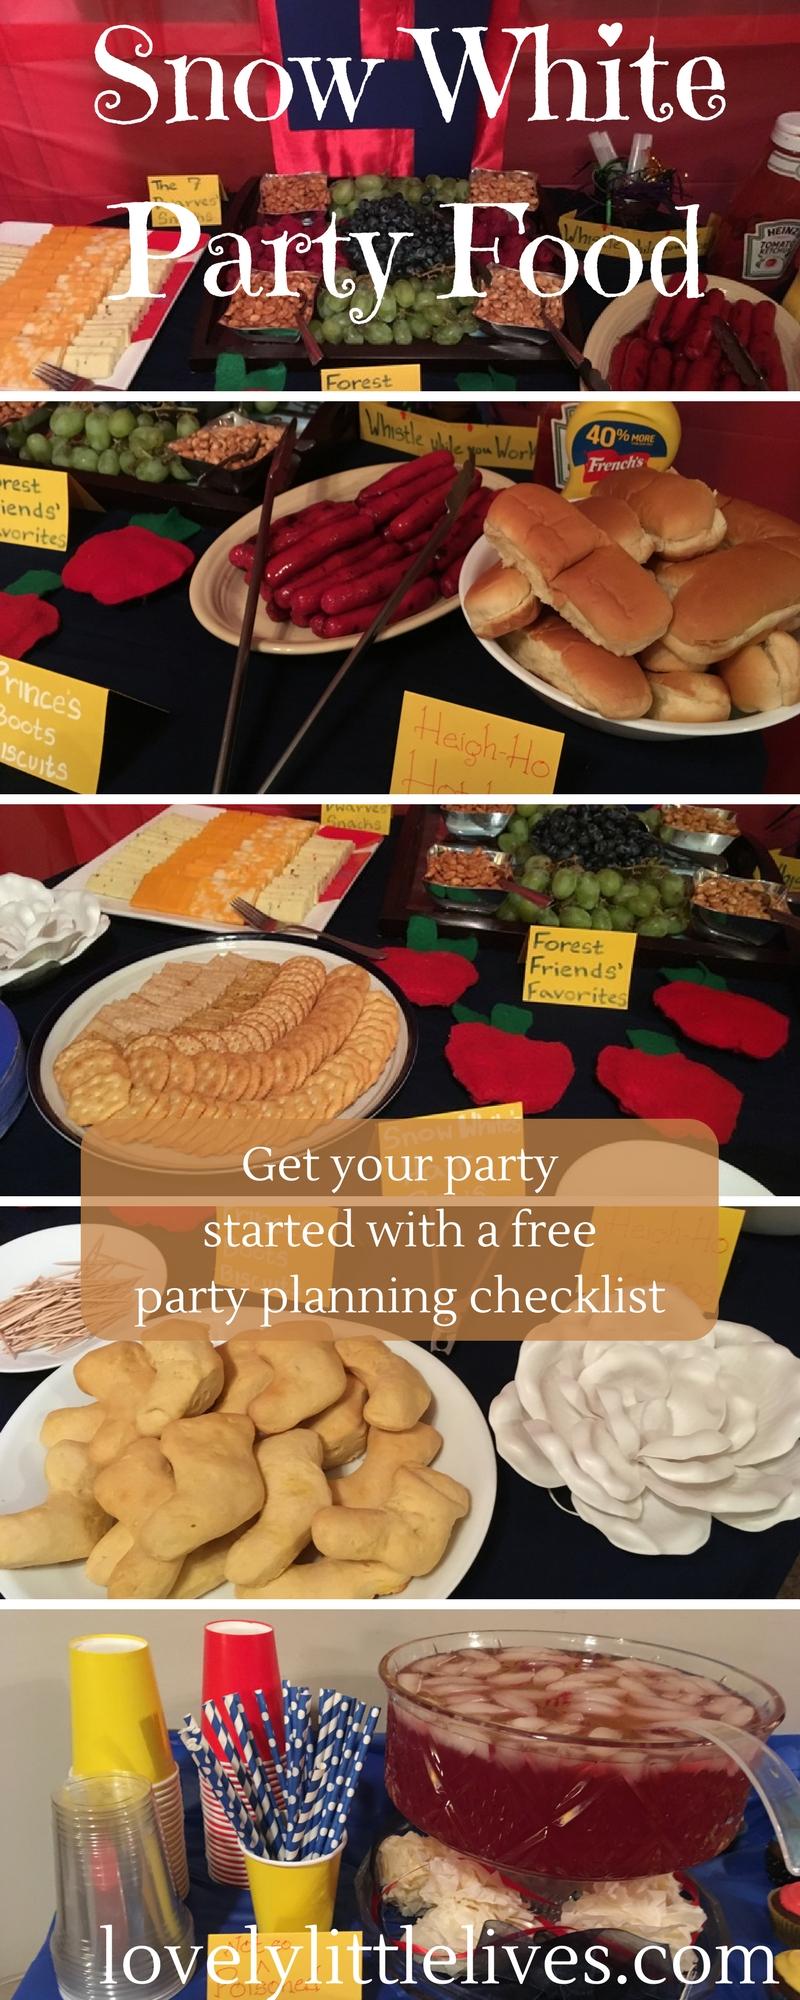 Snow White Party Food. | Snow White Birthday Party | Snow White Party Ideas | Snow White Birthday Party for a four year old | #snowwhite #princessbirthdayparty #snowwhitebirthdayparty